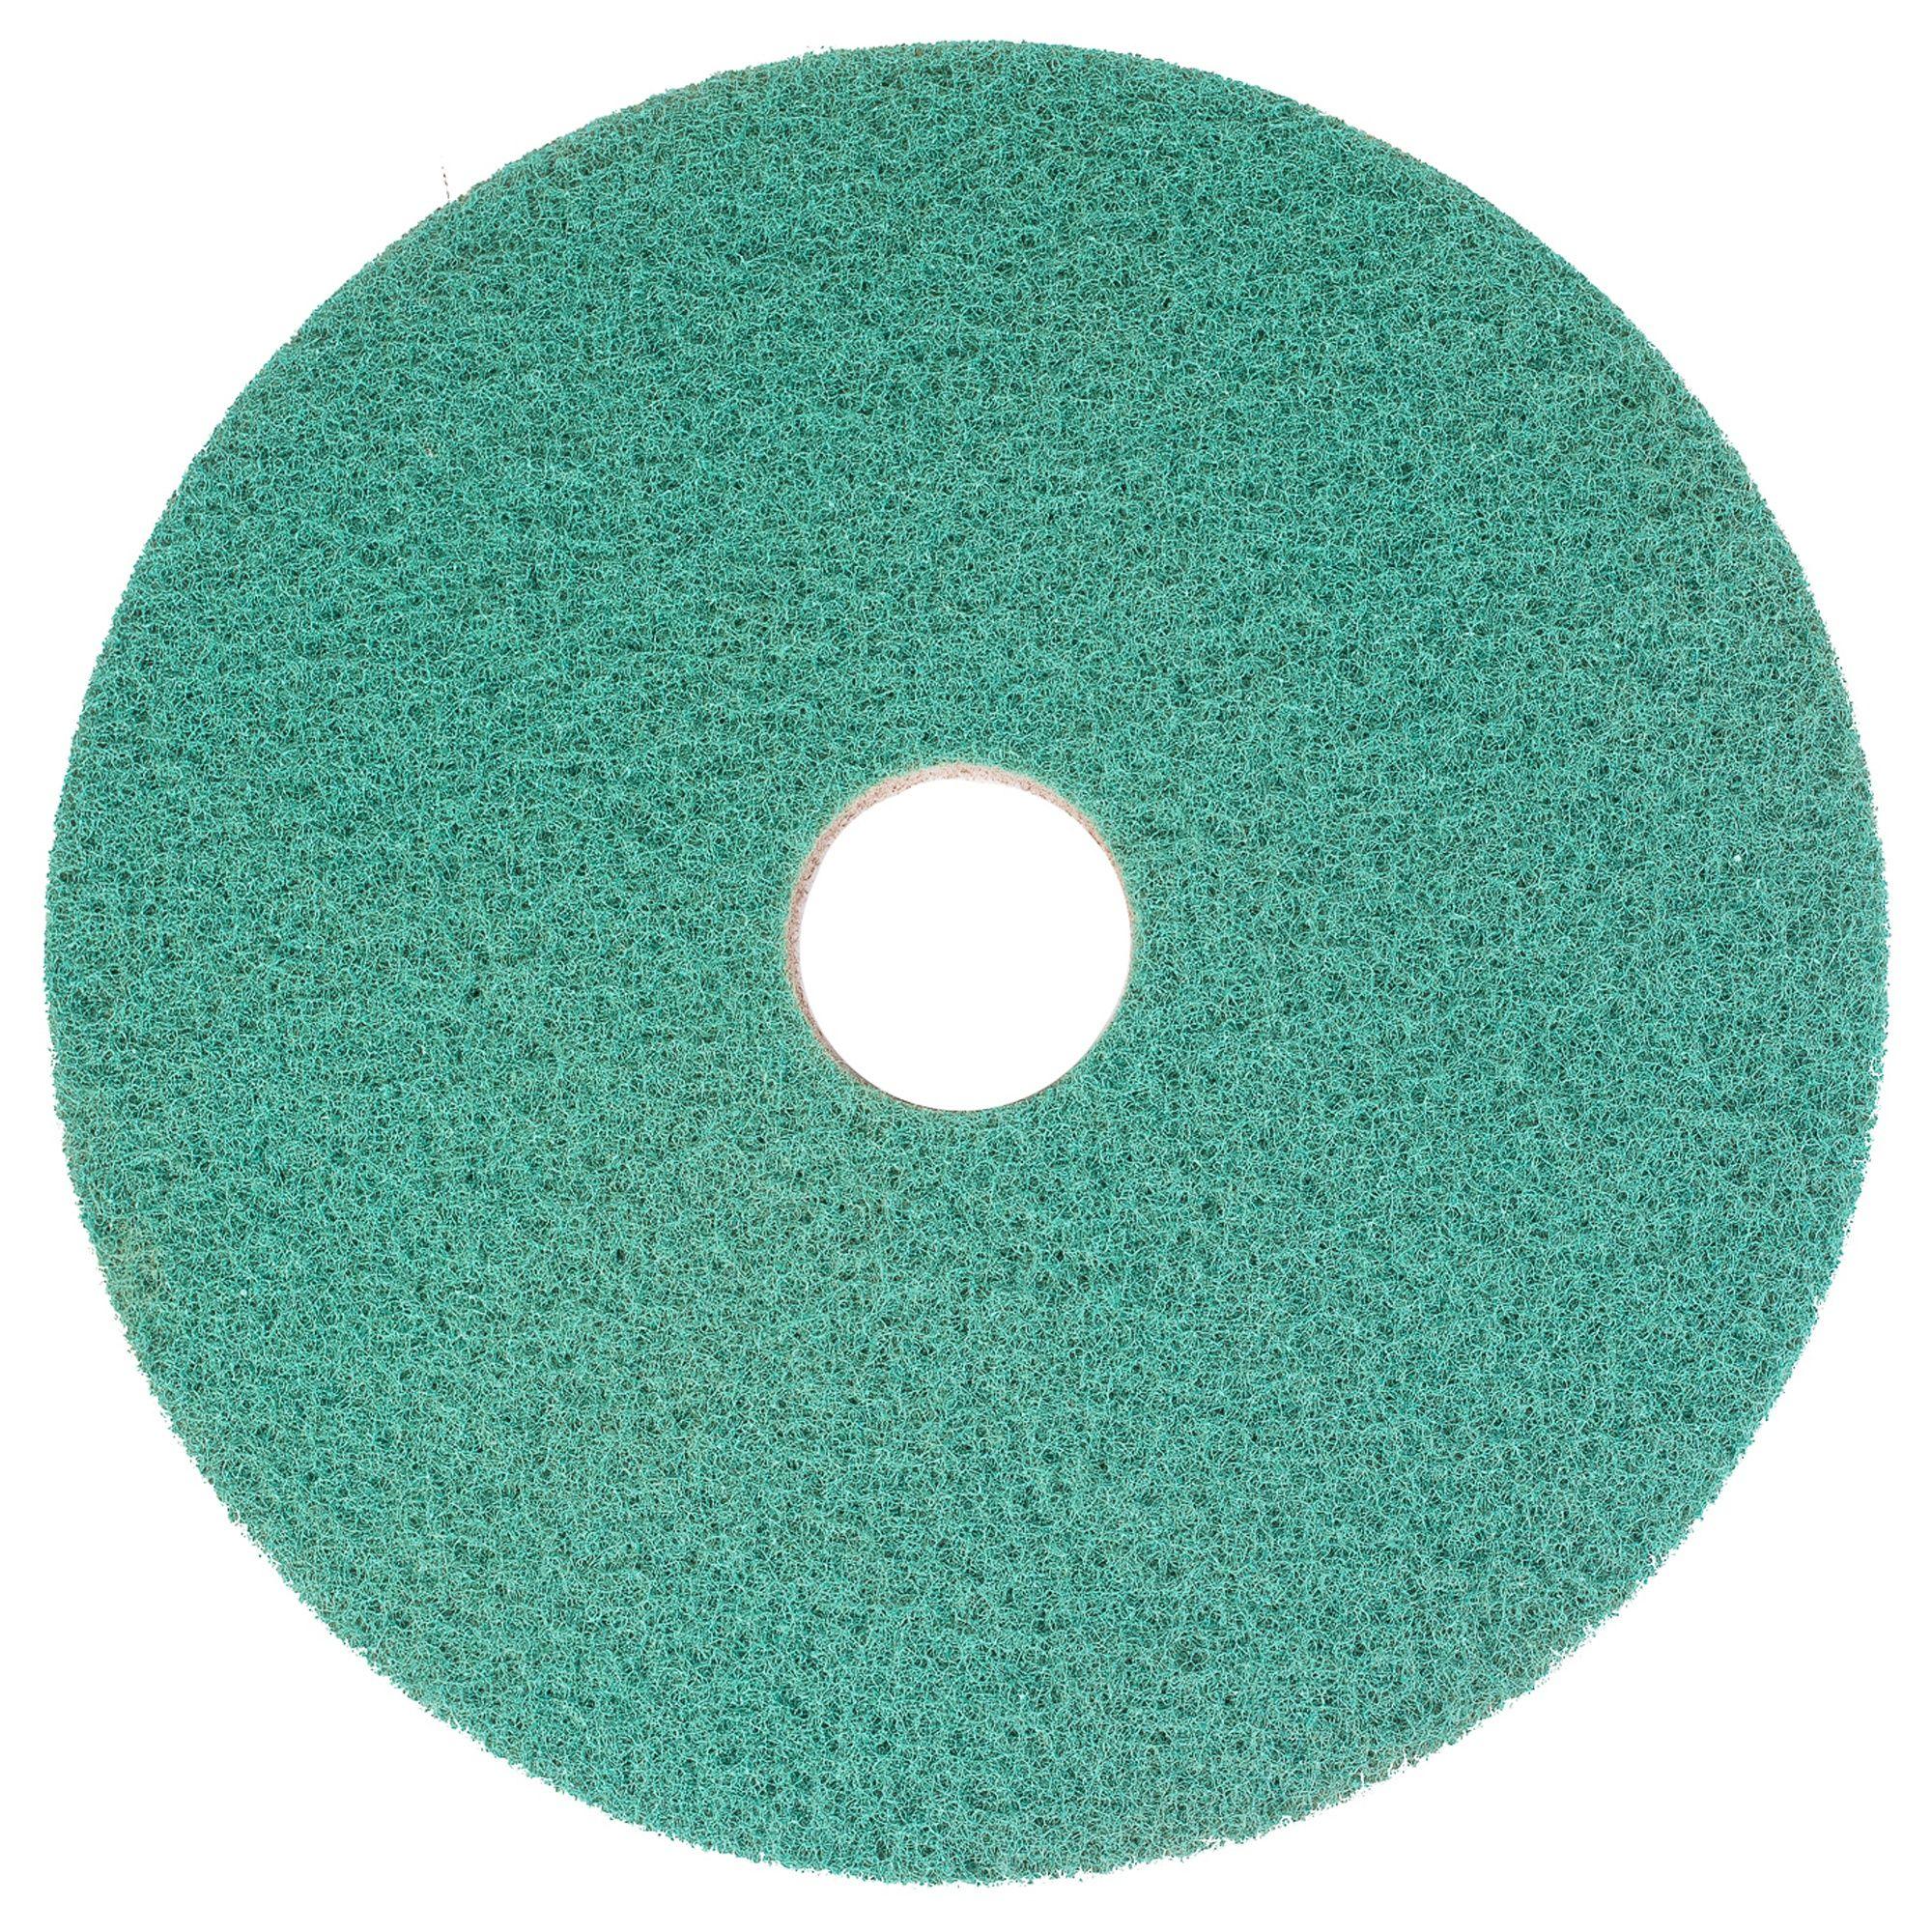 NuPad WaterOnly groen (polijsten), per 2 stuks, 16 inch / 406 mm